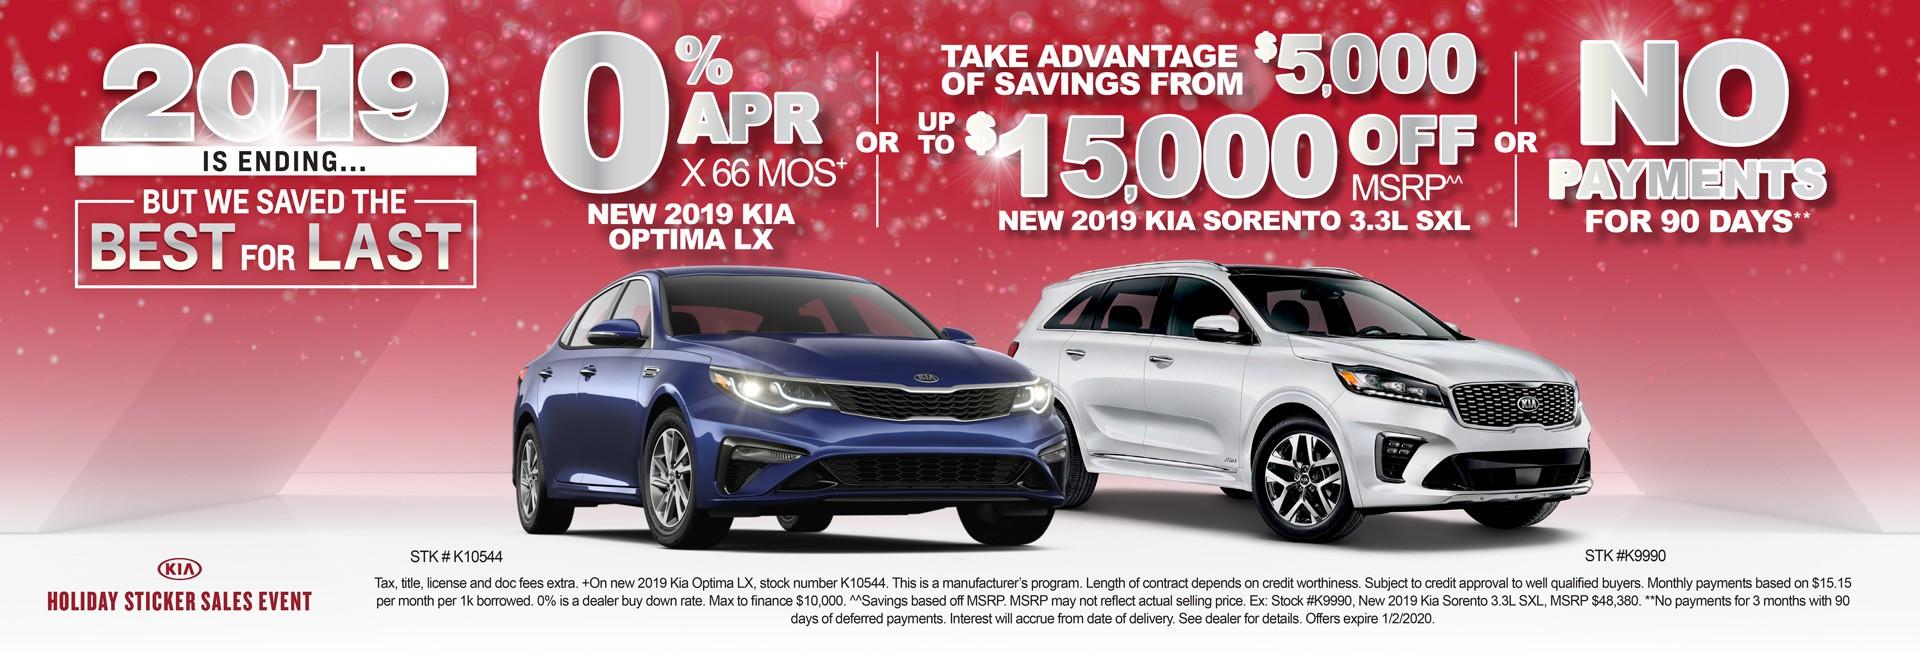 NEW KIA OPTIMA LX & NEW 2019 KIA SORENTO 3.3L SXL 0%APR X 66 MOS